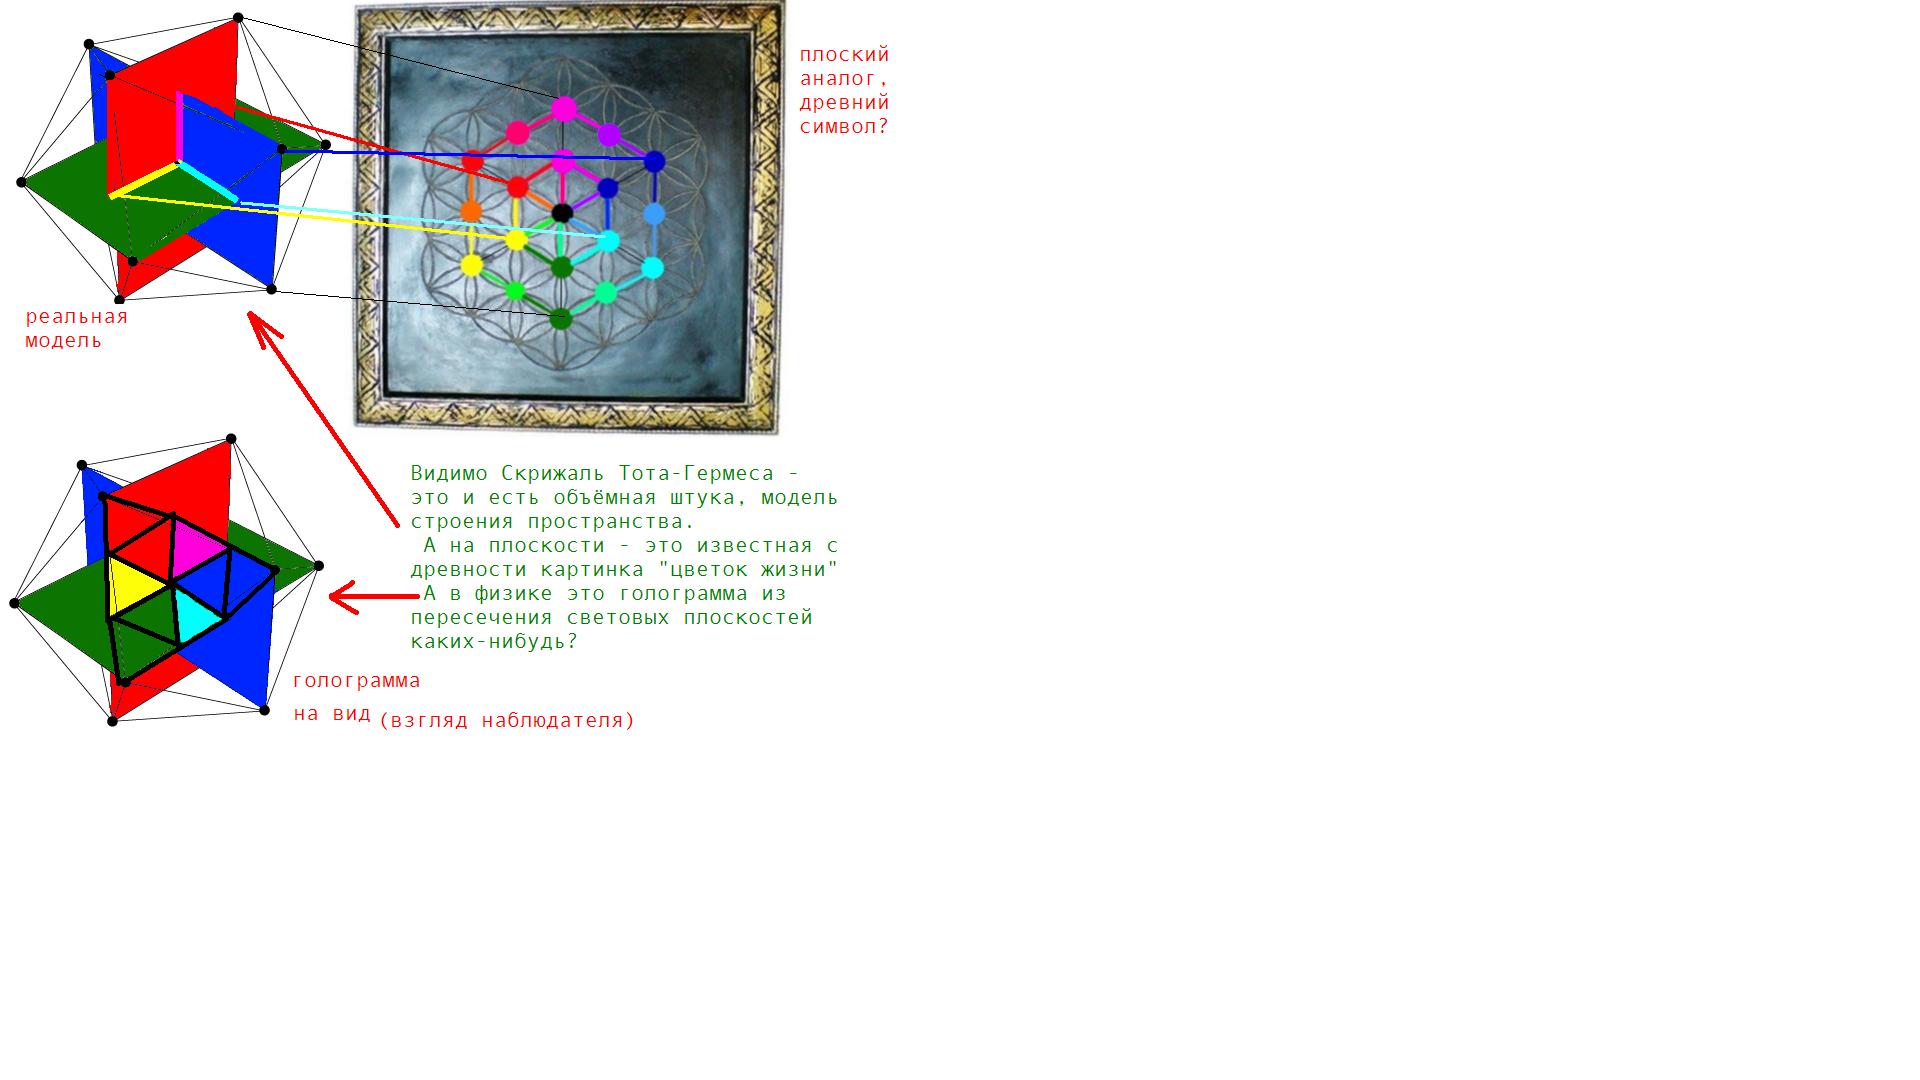 Предположения, гипотезы и догадки - Страница 13 C0c8412b82fc